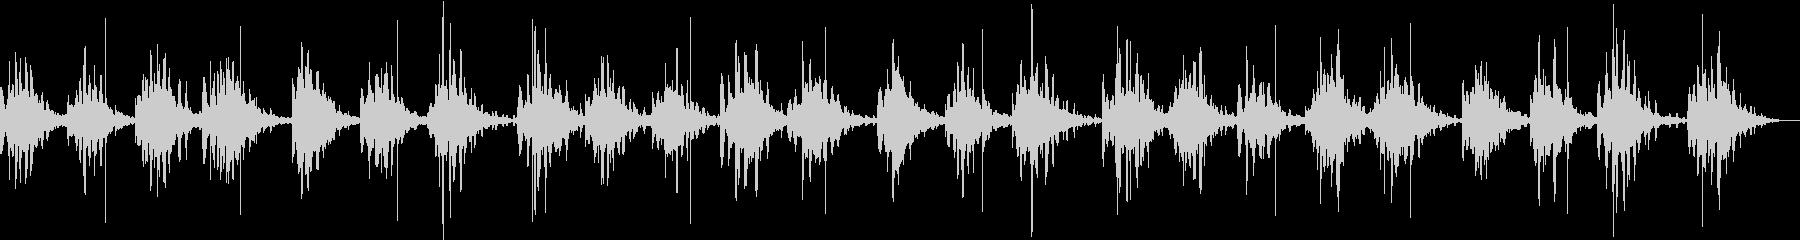 脳の活性化を促すヒーリングミュージックの未再生の波形